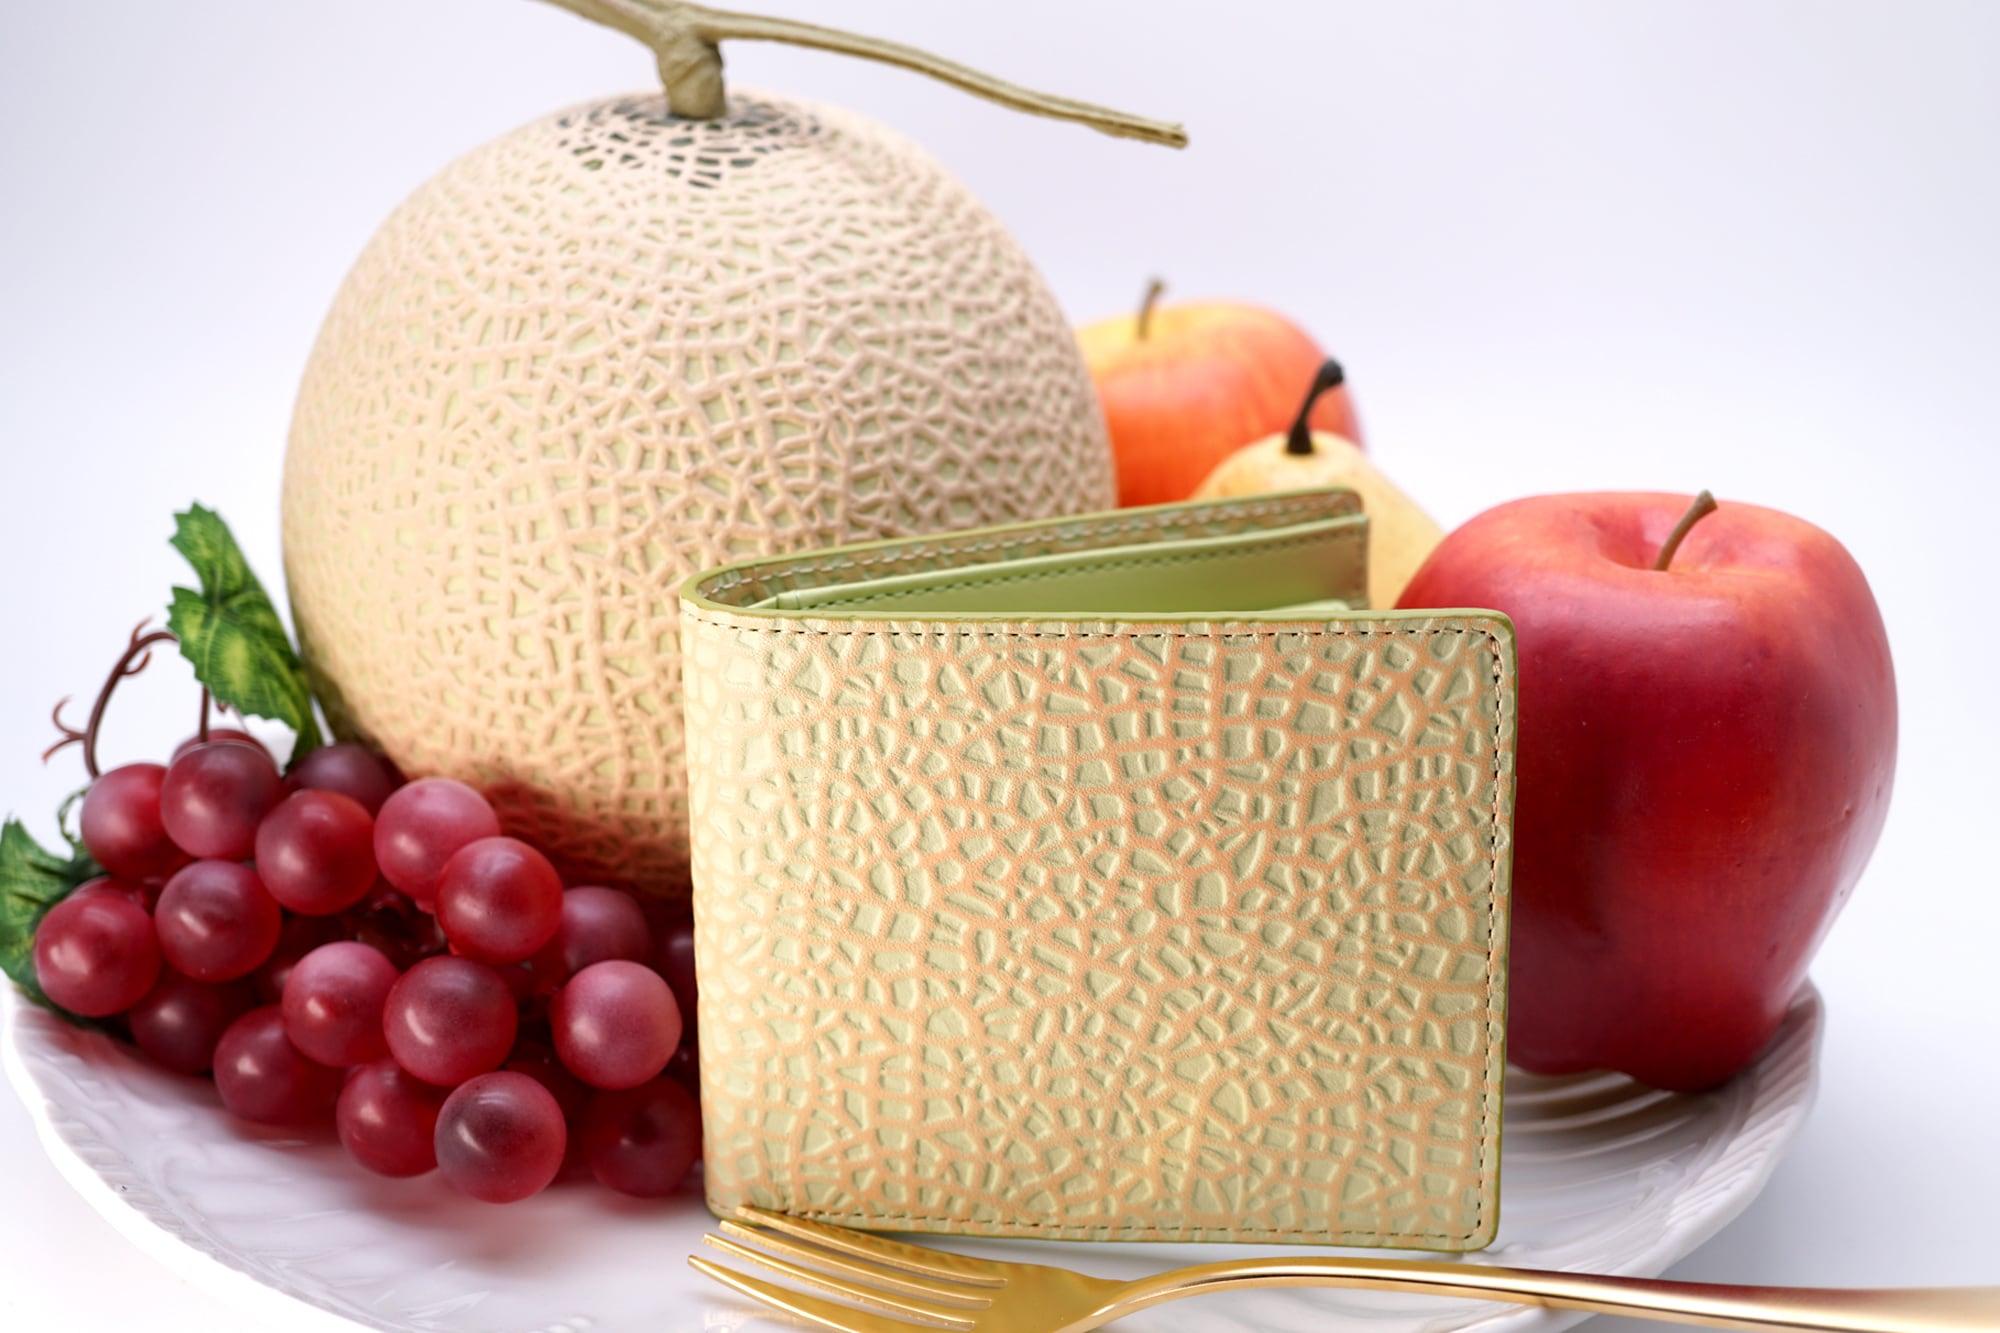 クラウンメロンな2つ折り財布(牛革製)/静岡クラウンメロンコラボ